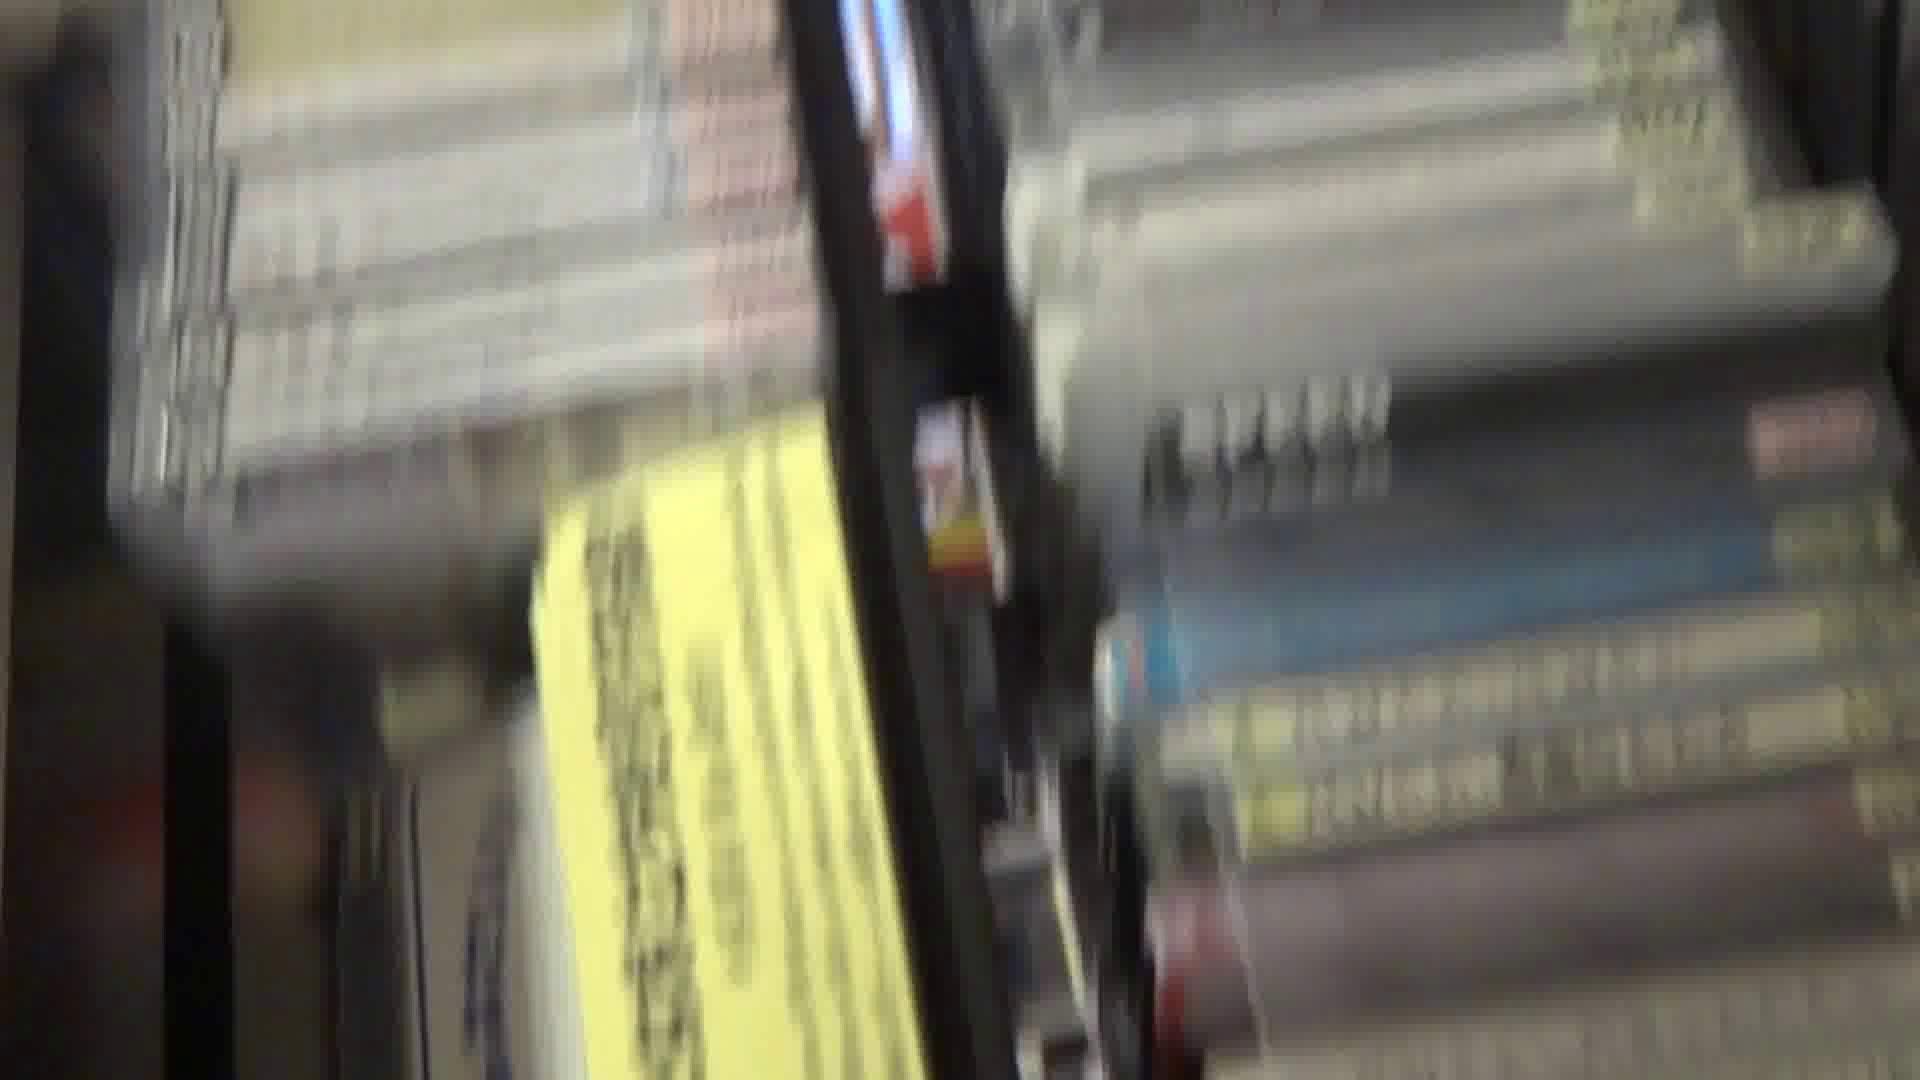 近所のお店は危険がイッパイ vol.8 独身エッチOL   0  104pic 36